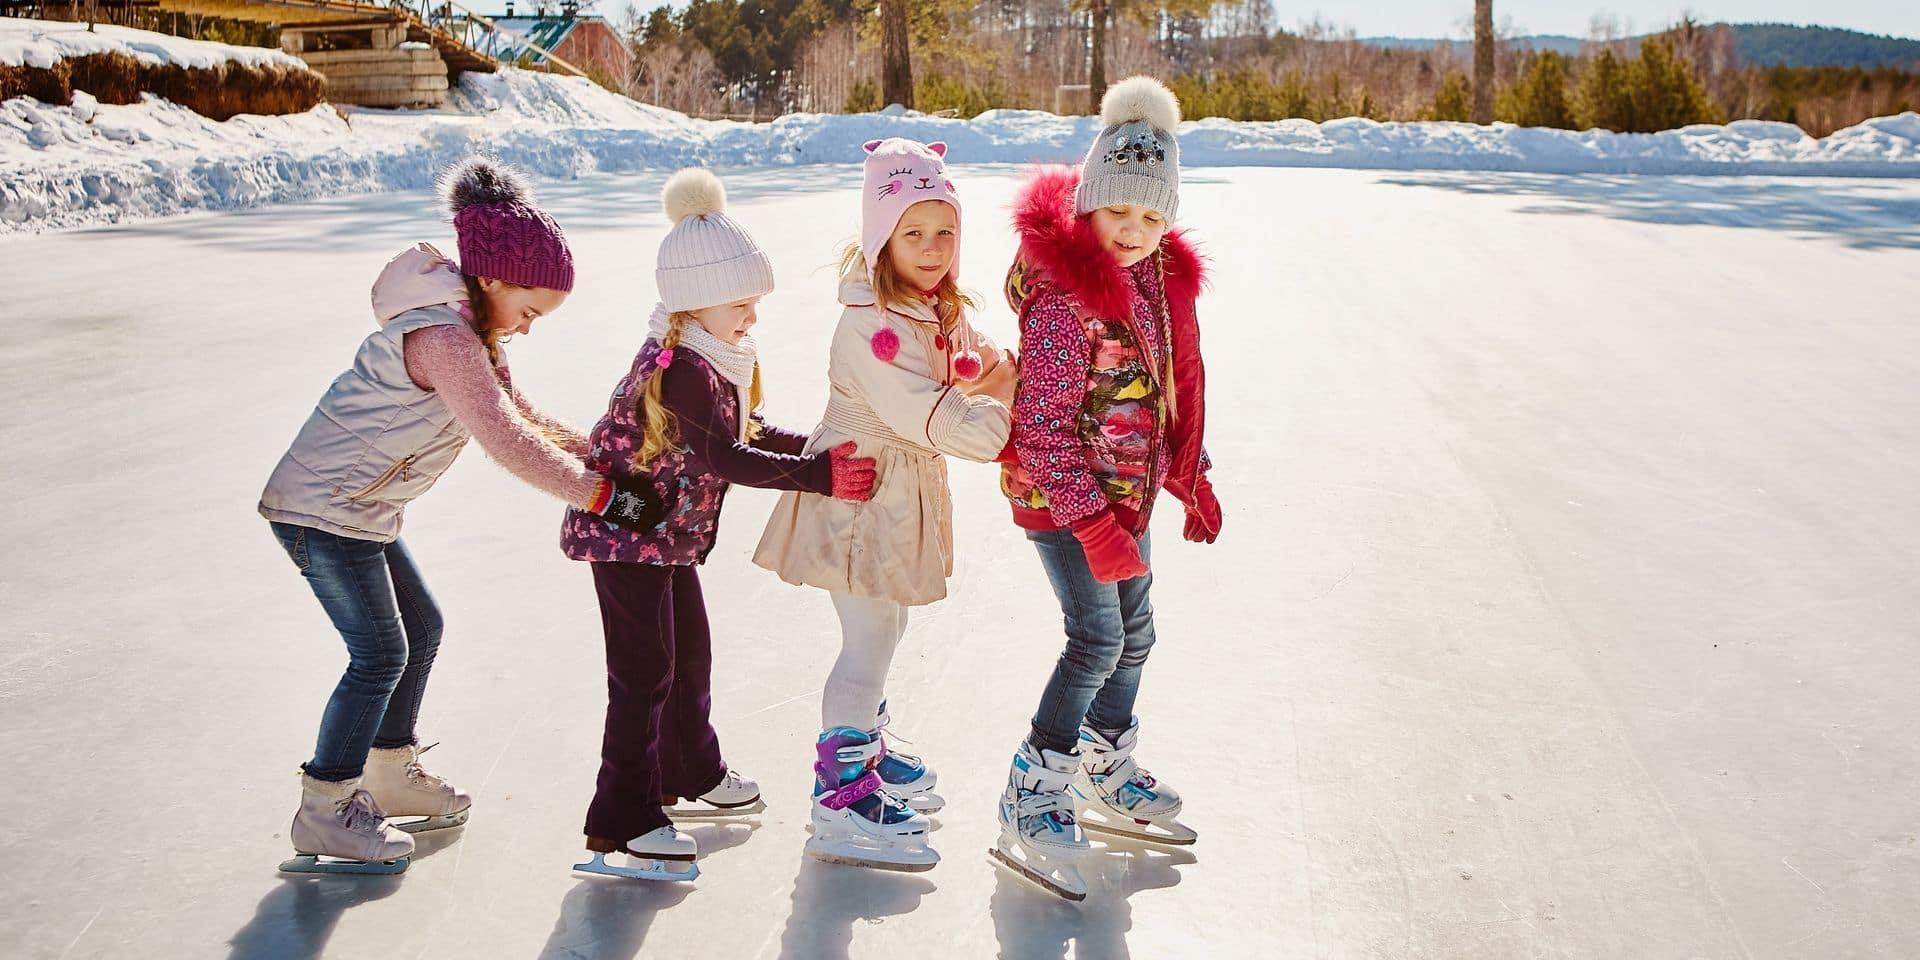 Le patinage sur glace devrait être possible en fin de semaine chez nous : sera-t-il autorisé pour autant?